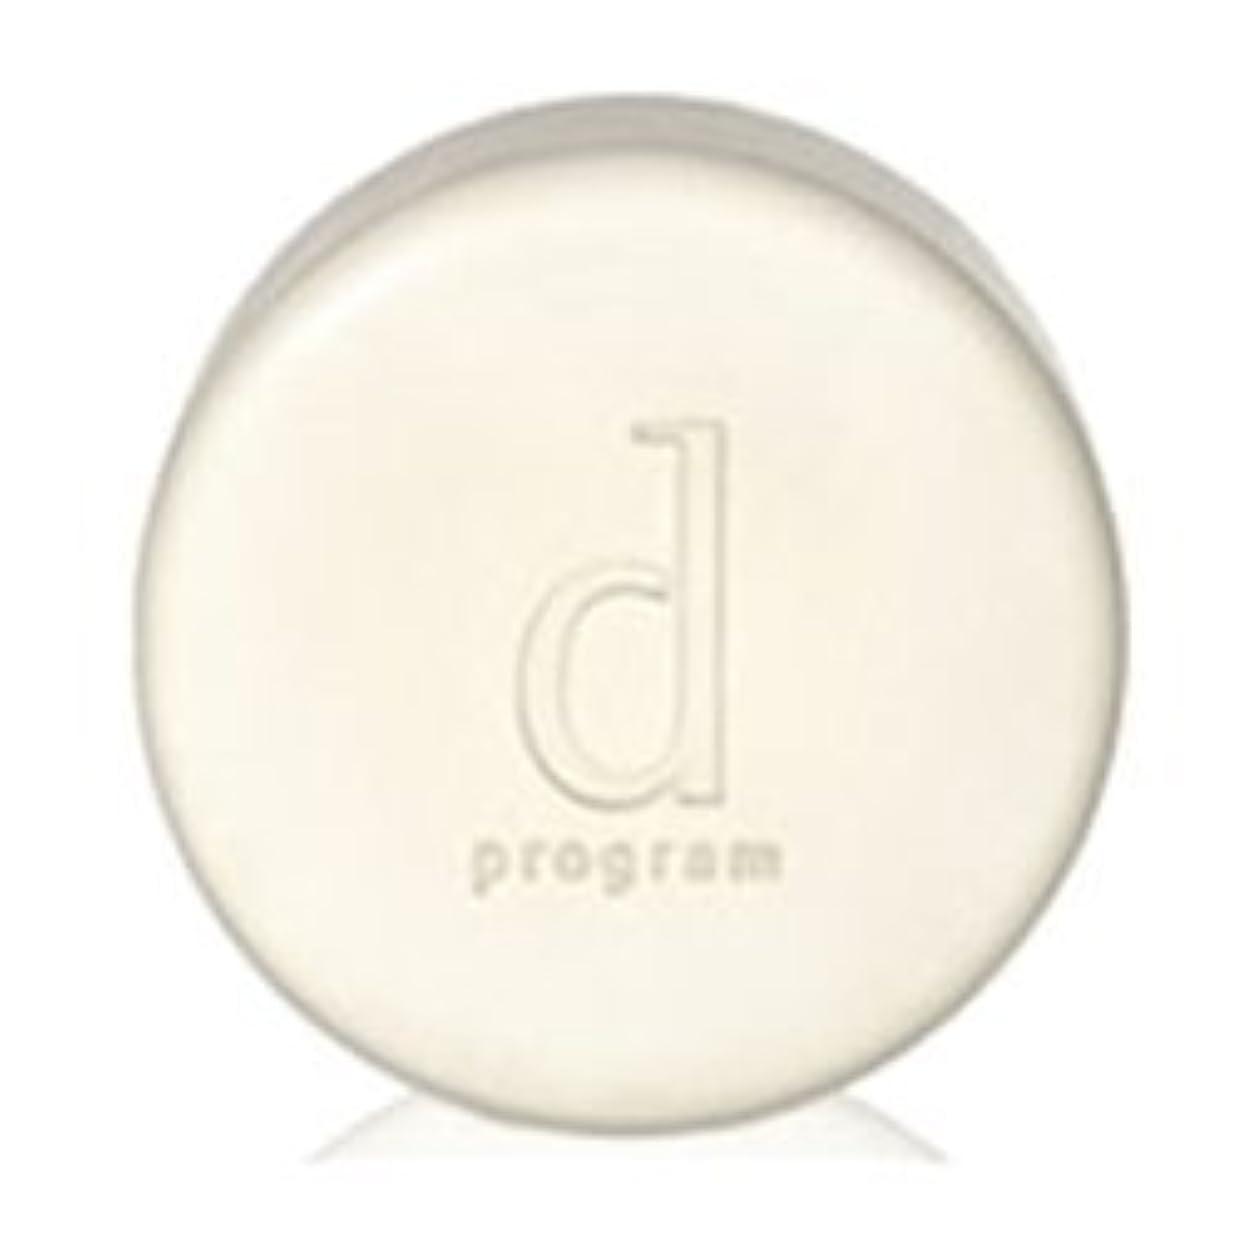 症候群エール慎重に【資生堂】dプログラム コンディショニングソープ 100g ×3個セット